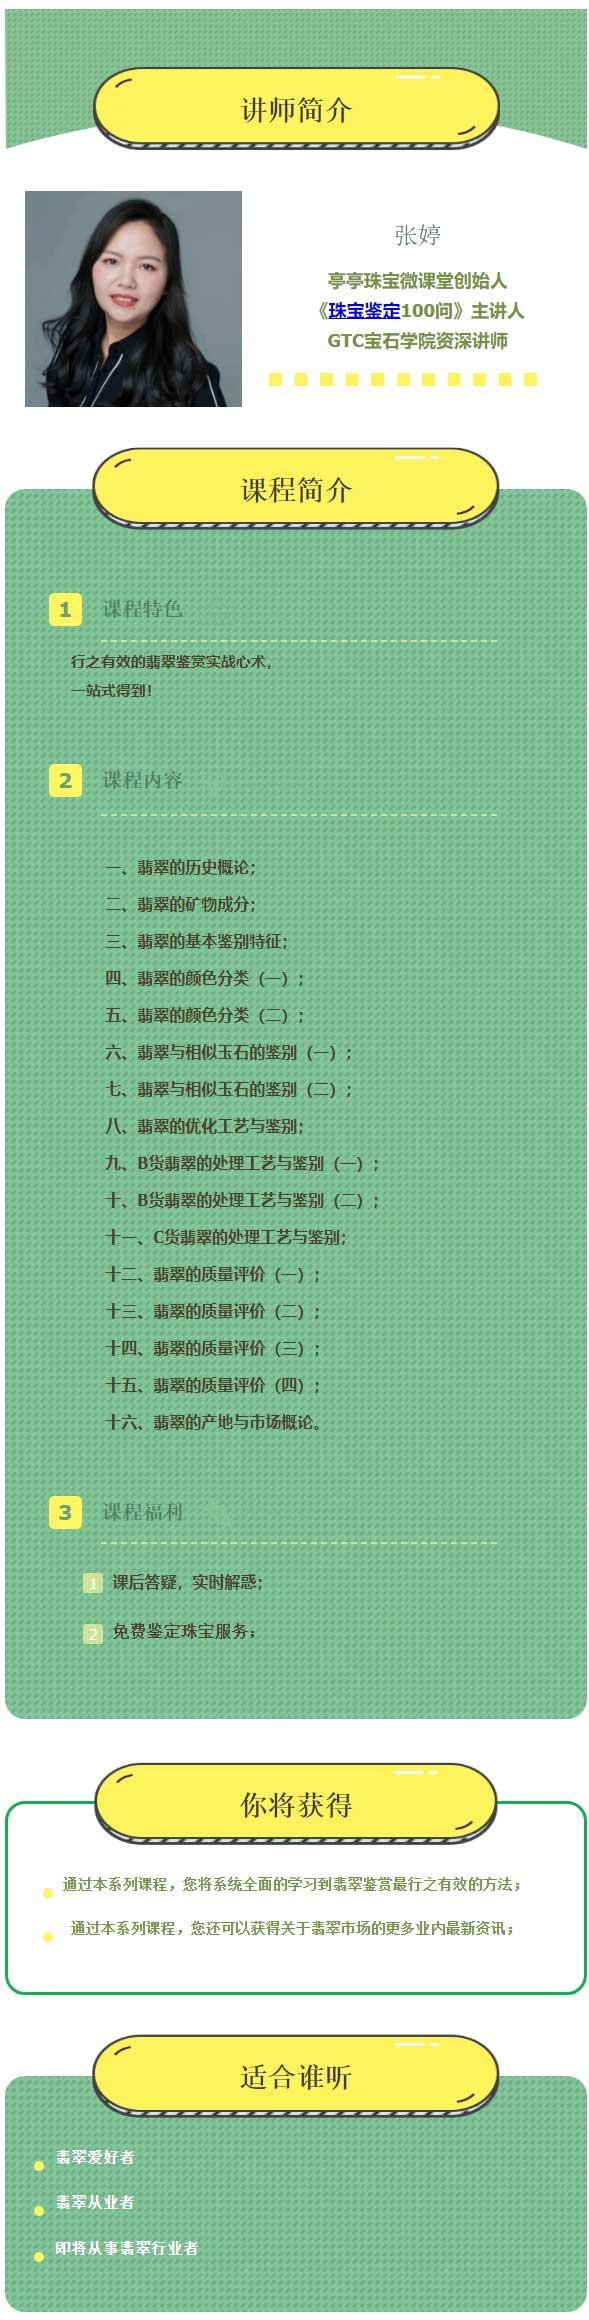 翡翠鉴定与商贸课程---珠宝玉石鉴定师培训学校-翡翠和田课程学习班-GTC宝石学院(北京)